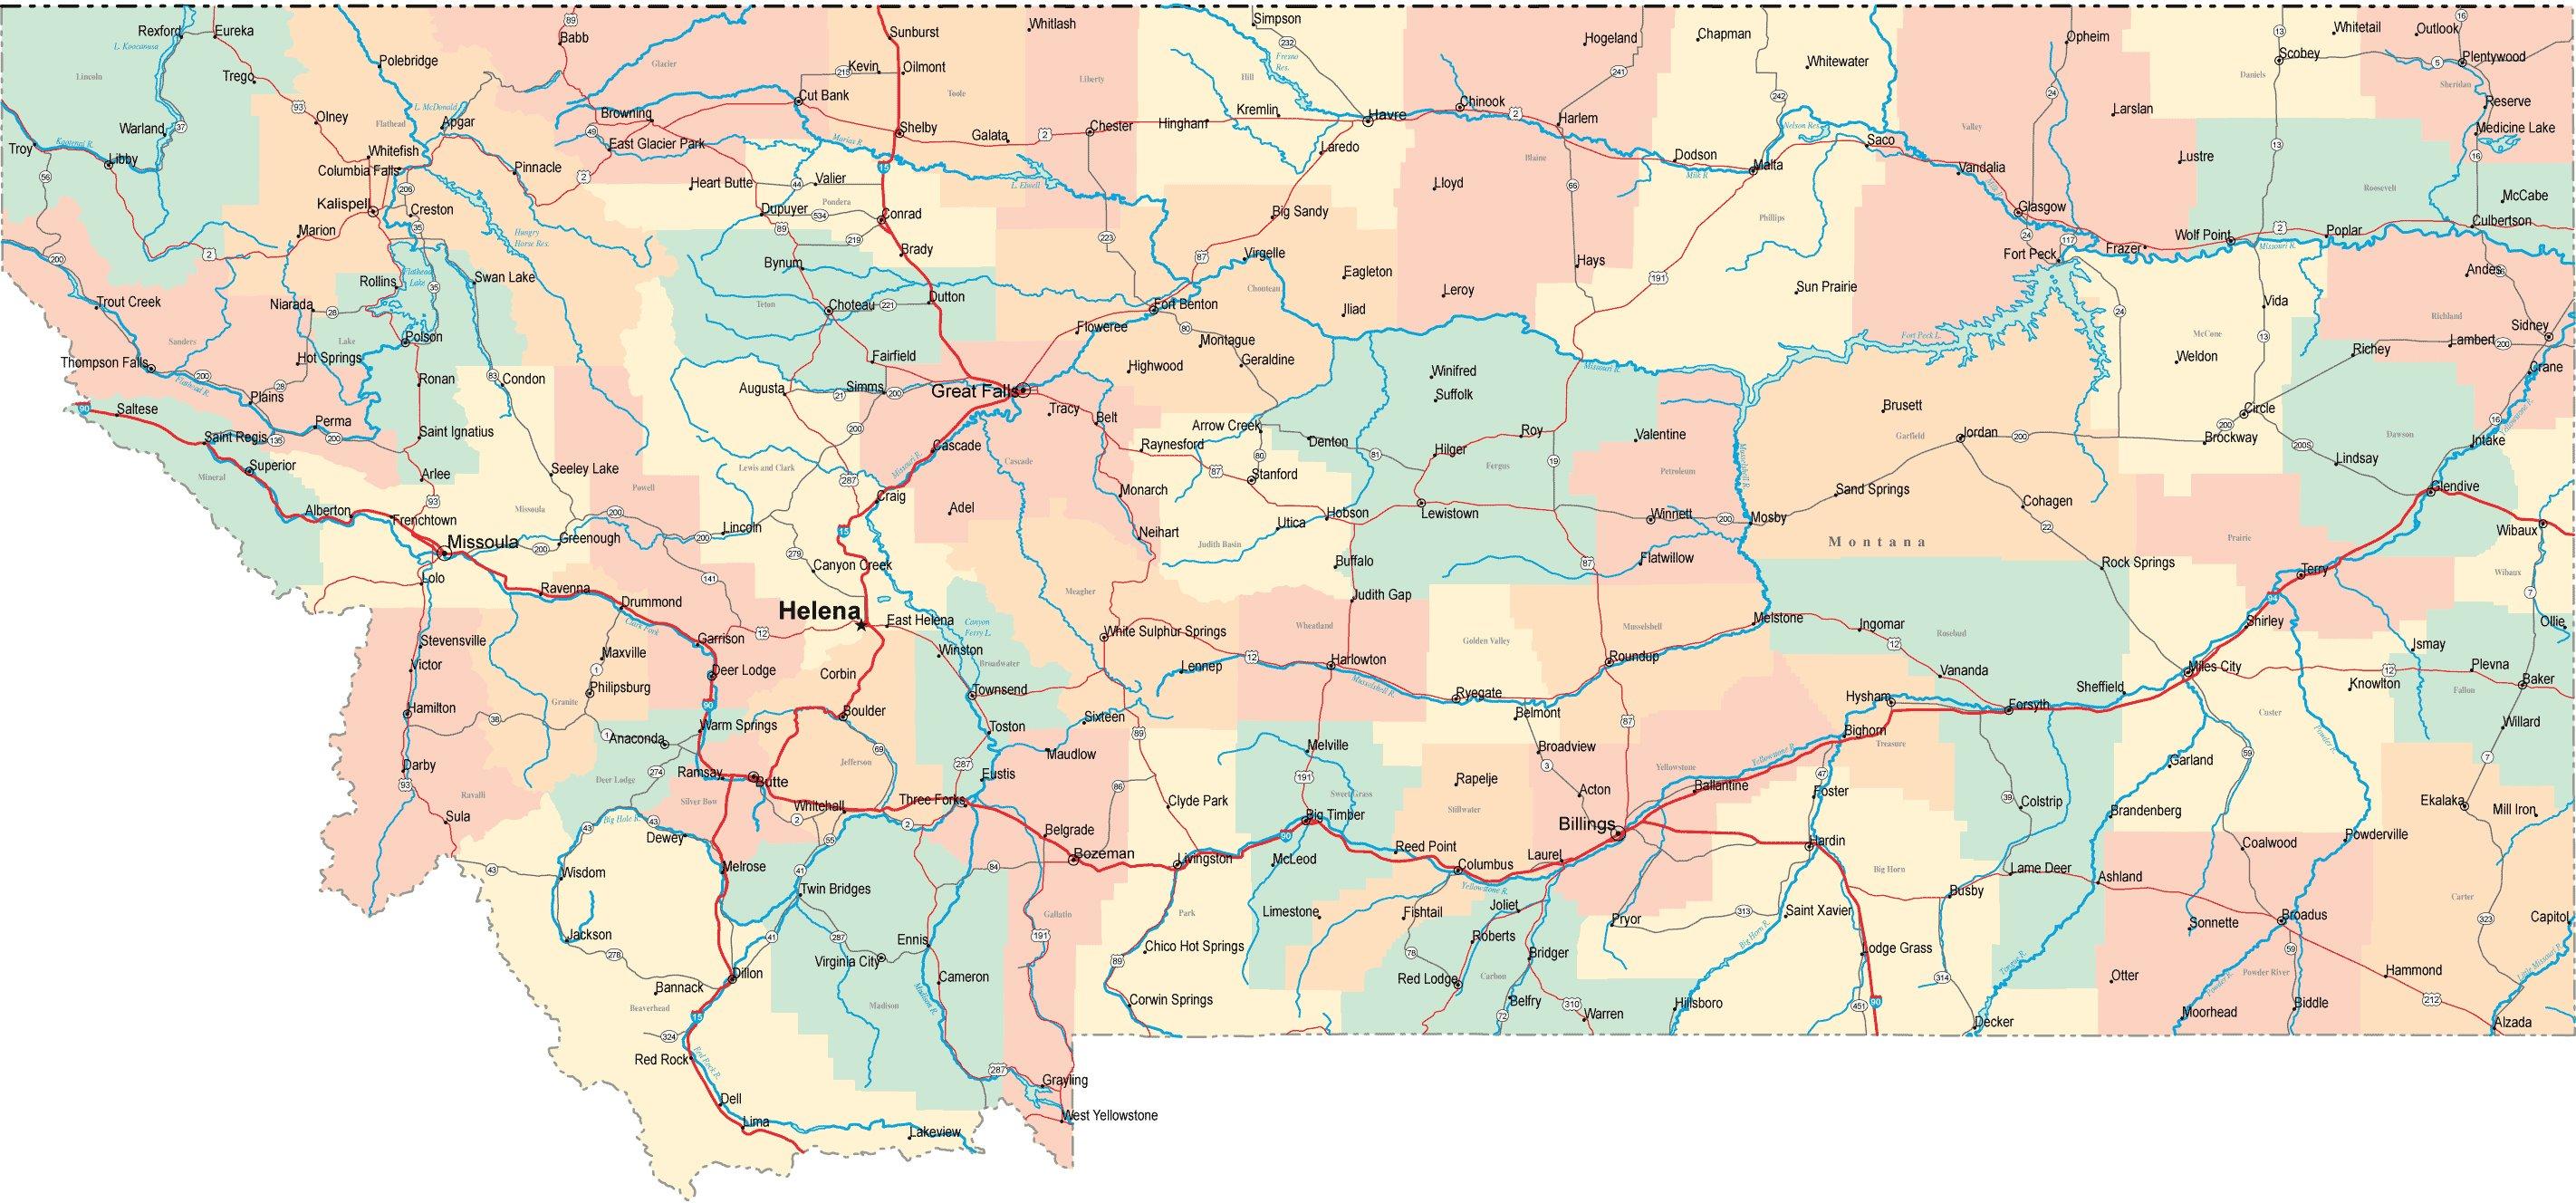 Podrobnye Karty Montany Detalnye Pechatnye Karty Montany